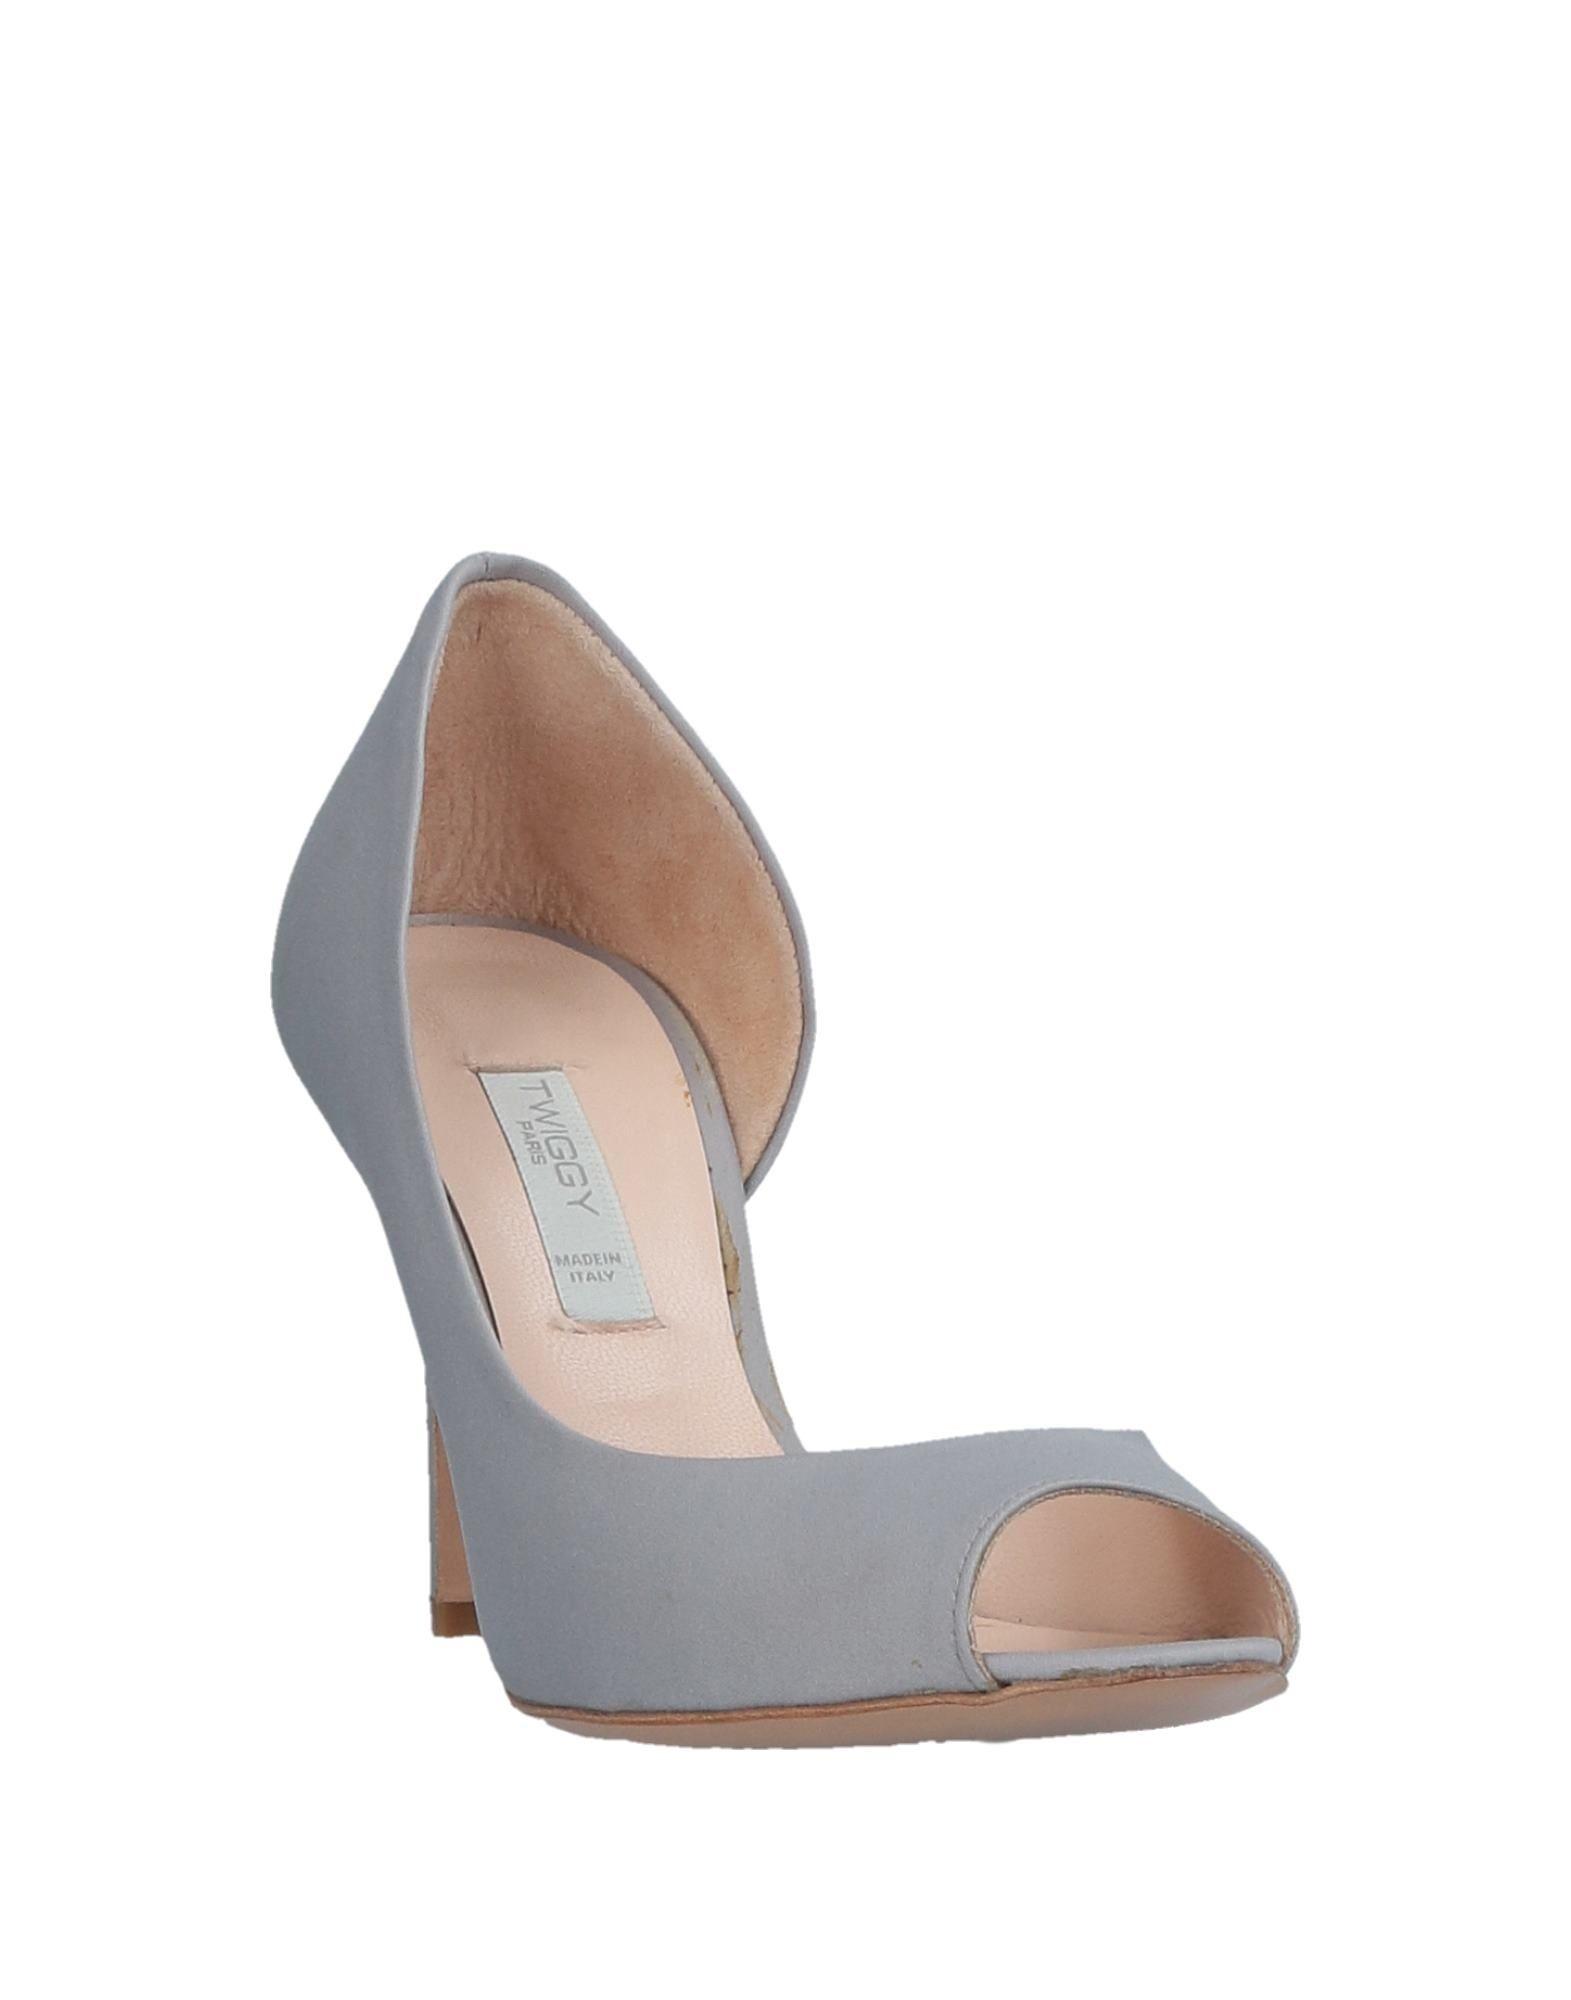 Twiggy Pumps Damen  11516225UT Schuhe Gute Qualität beliebte Schuhe 11516225UT bbe9a3